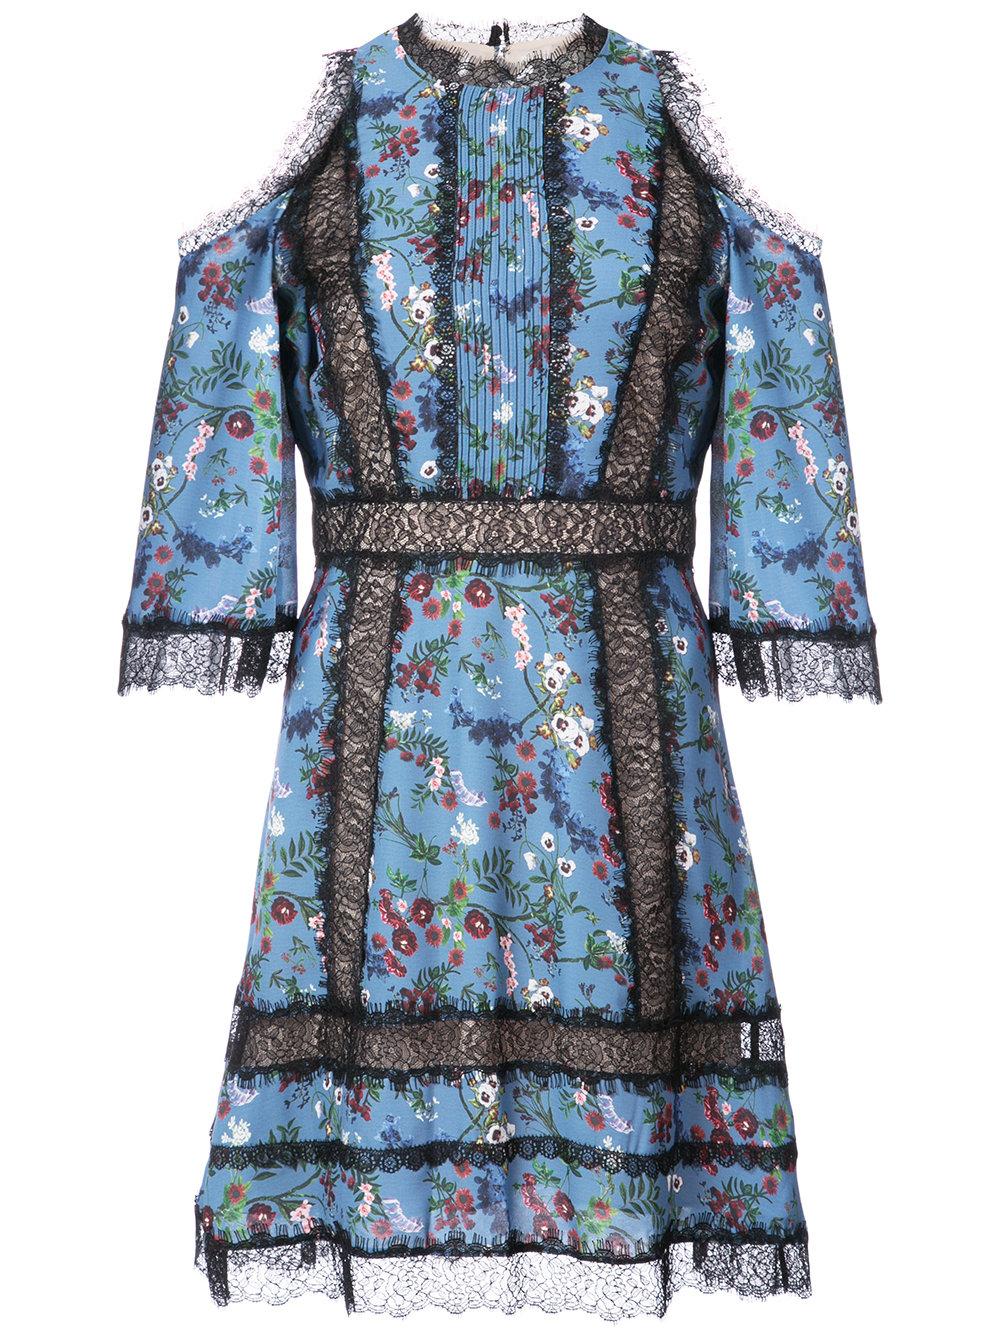 ALICE+OLIVIA dress - $495